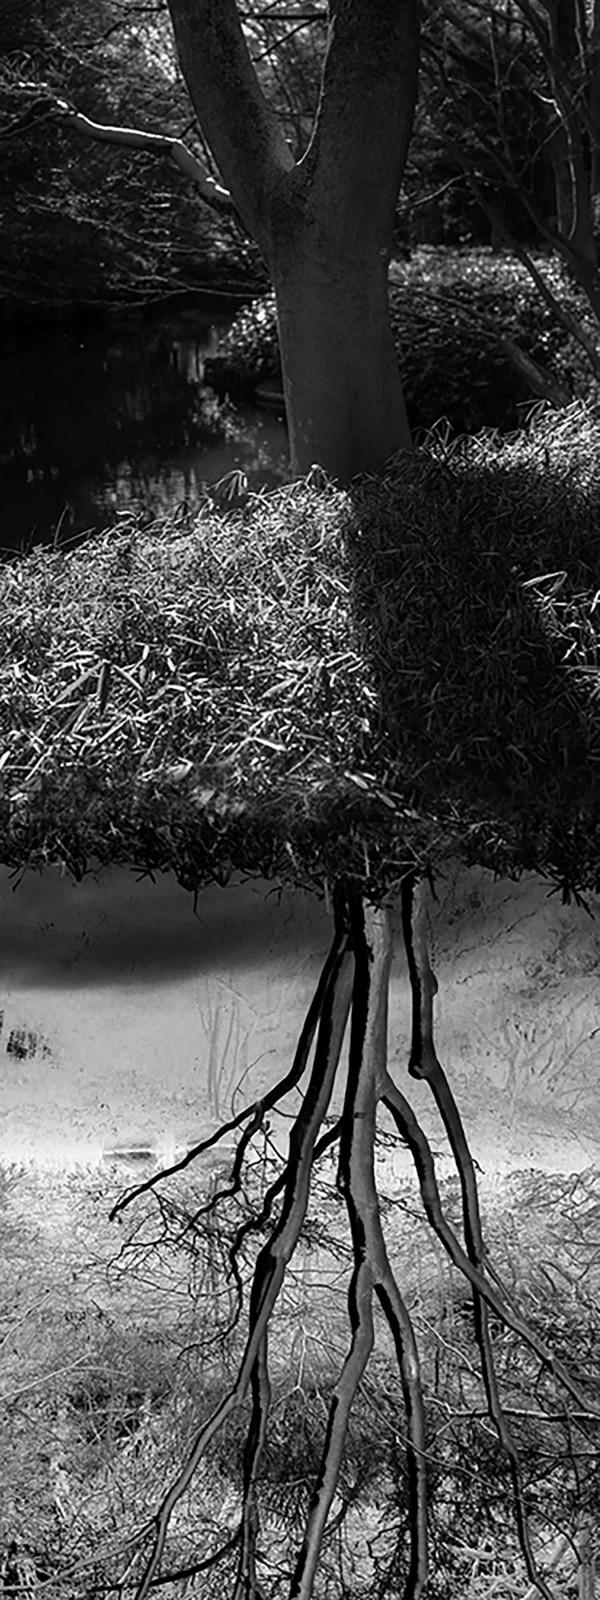 Reflecting landscape 06